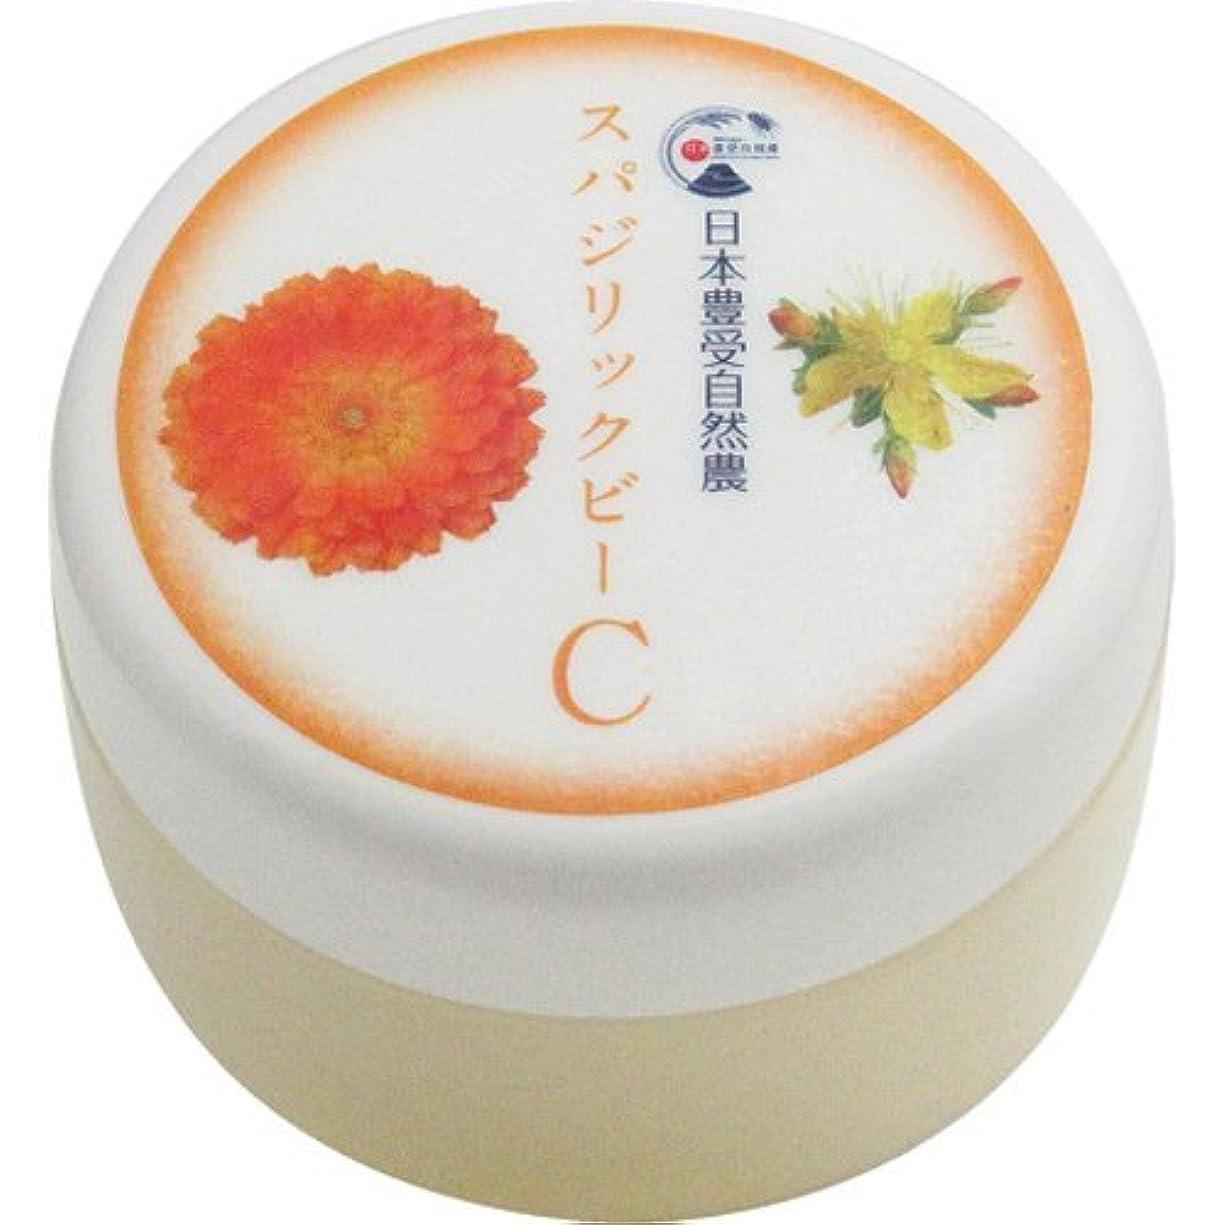 リングレット有効近く日本豊受自然農 スパジリック ビーC(特大) 135g